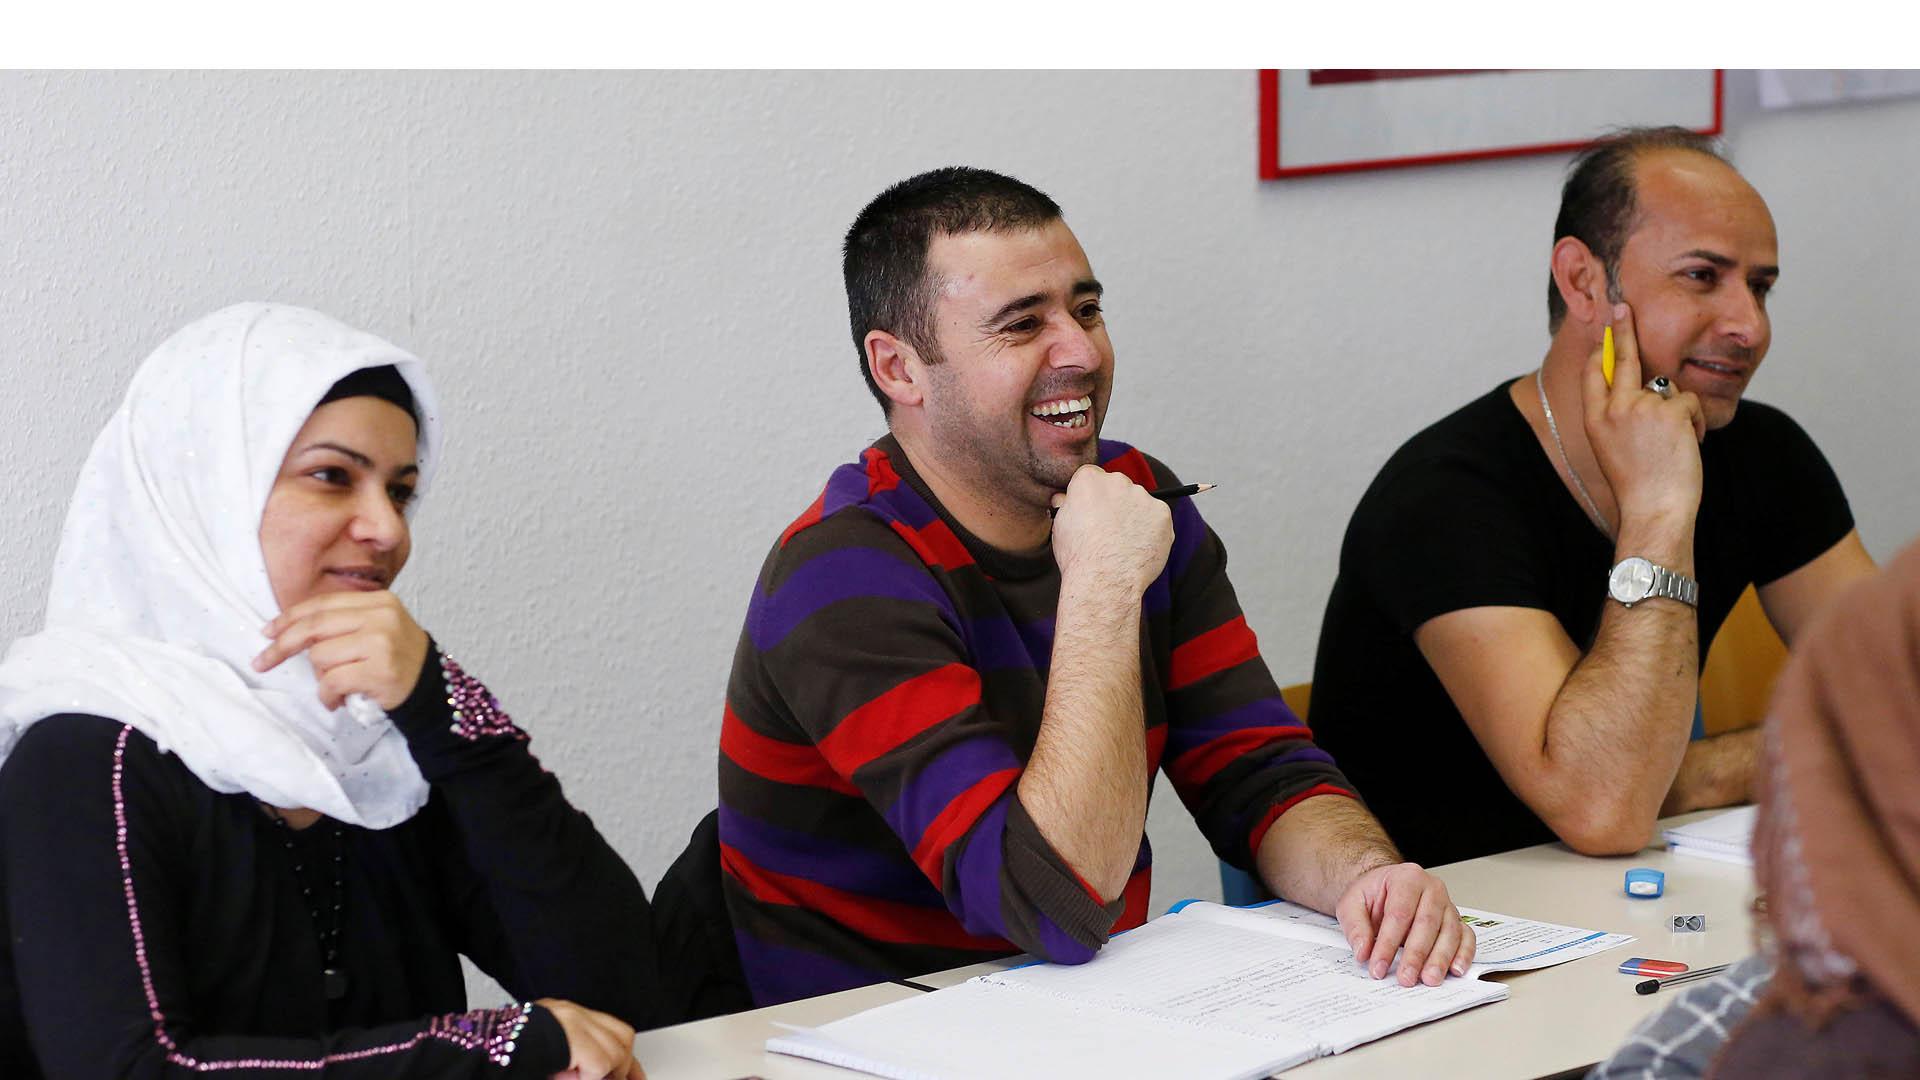 Alemania ofrecerá de cursos de idioma para facilitar la incorporación de los migrantes la sociedad germana